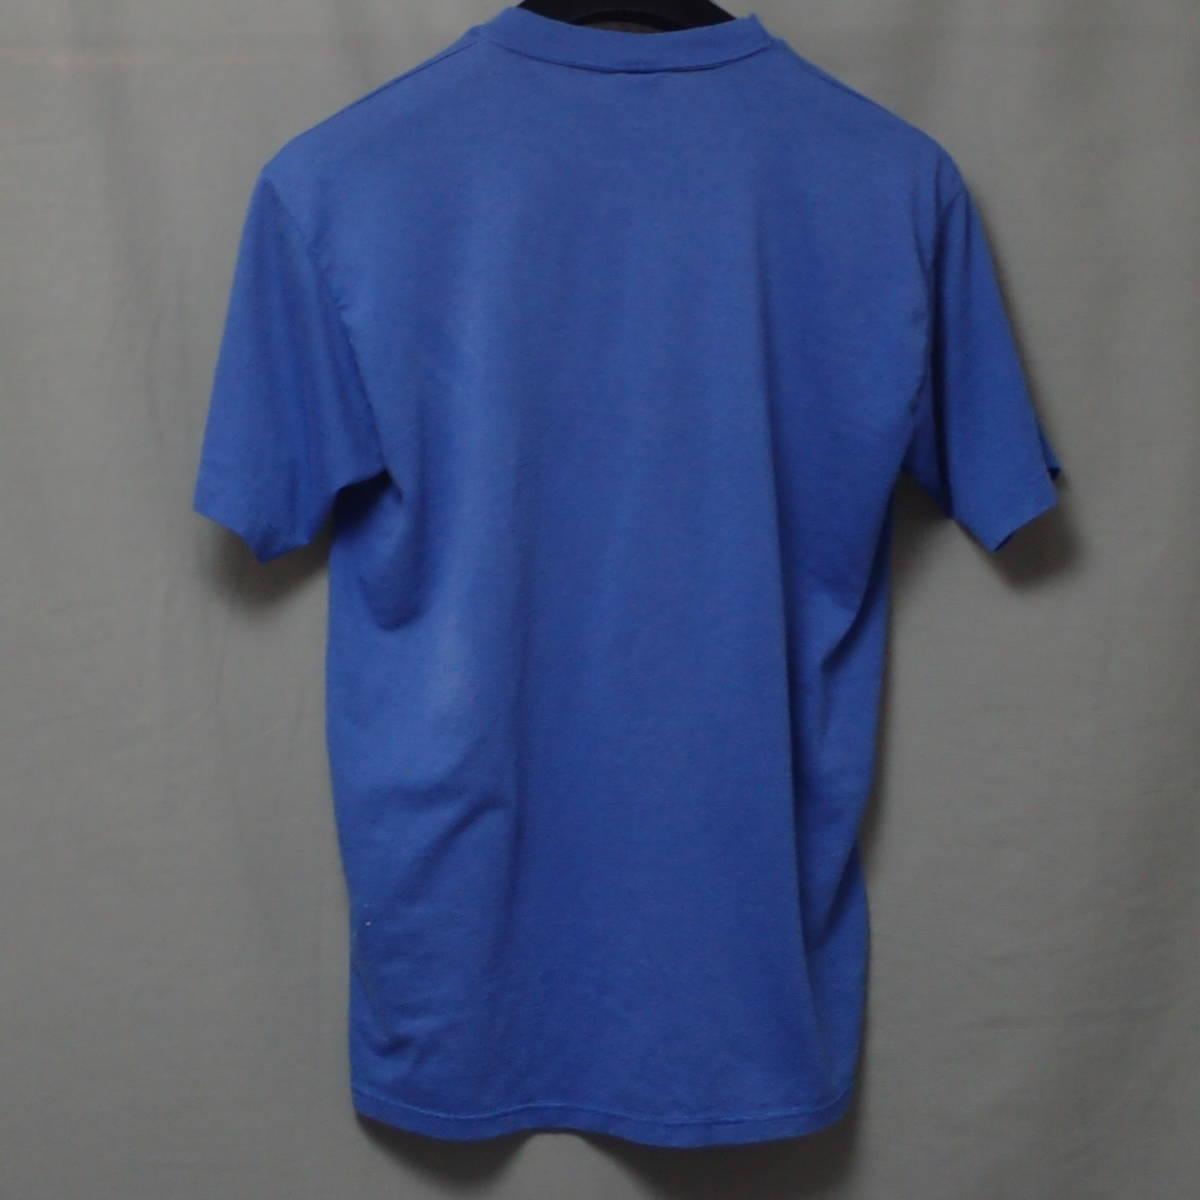 ■ 90s CLOCKWORK ORANGE Vintage T-shirt ■ 時計じかけのオレンジ ヴィンテージ Tシャツ 当時物 本物 映画 ムービー_画像4